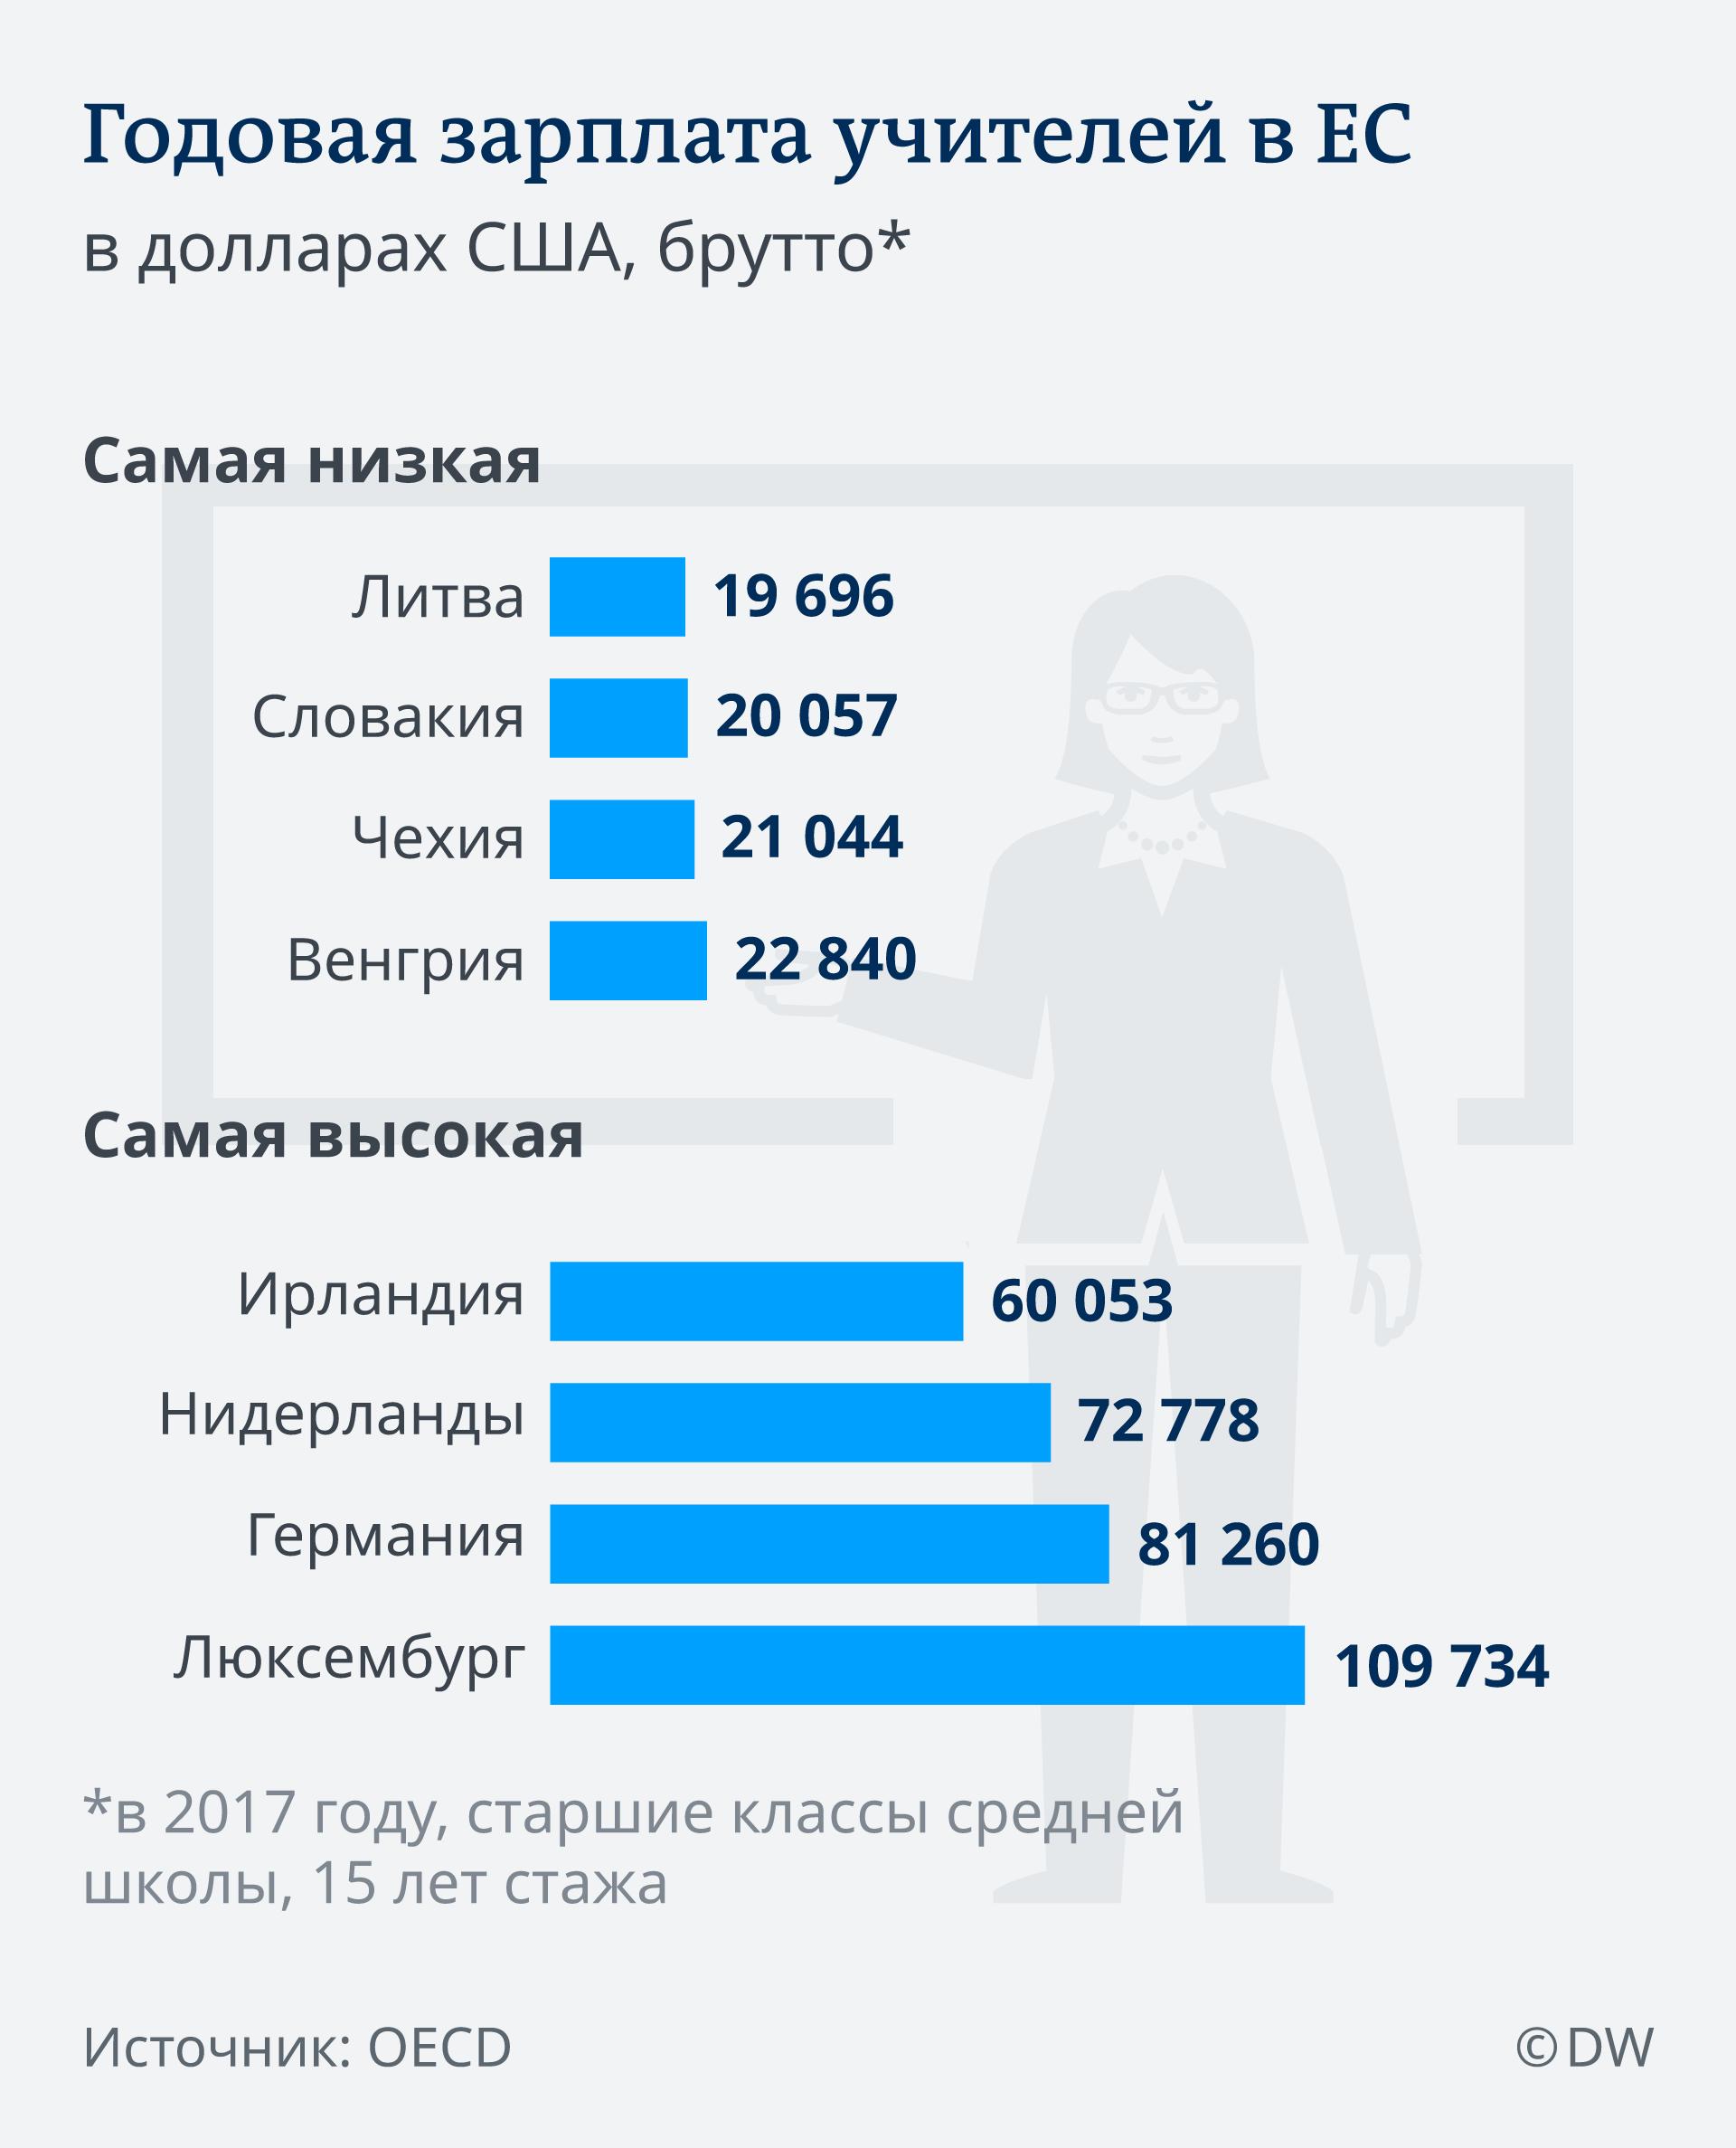 Зарплаты учителей в ЕС. Инфографика